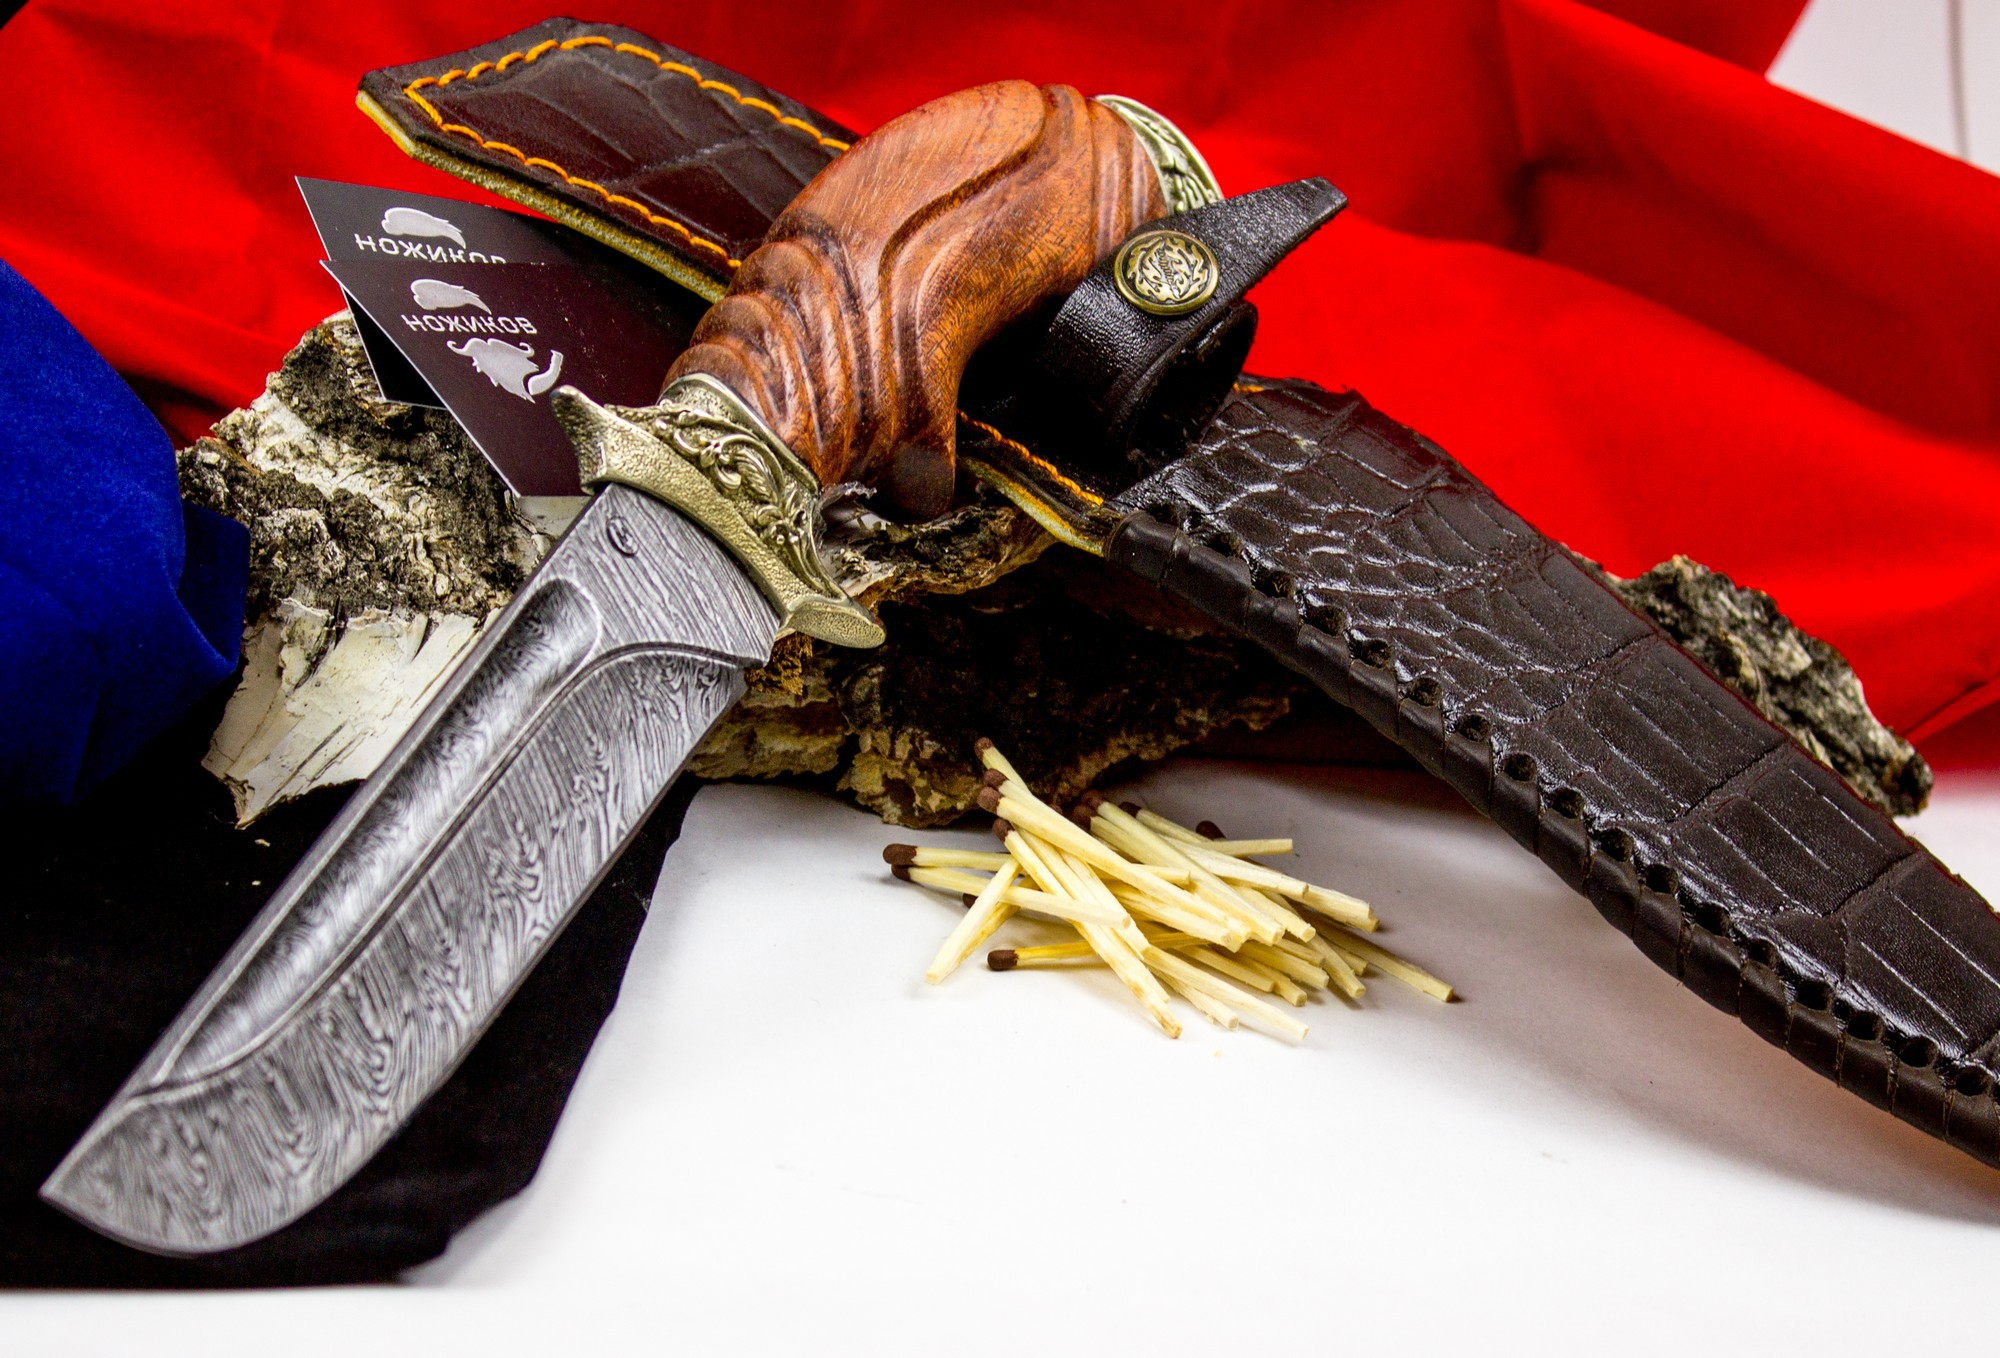 Нож Варяг с резной рукоятью, дамасская сталь, литье